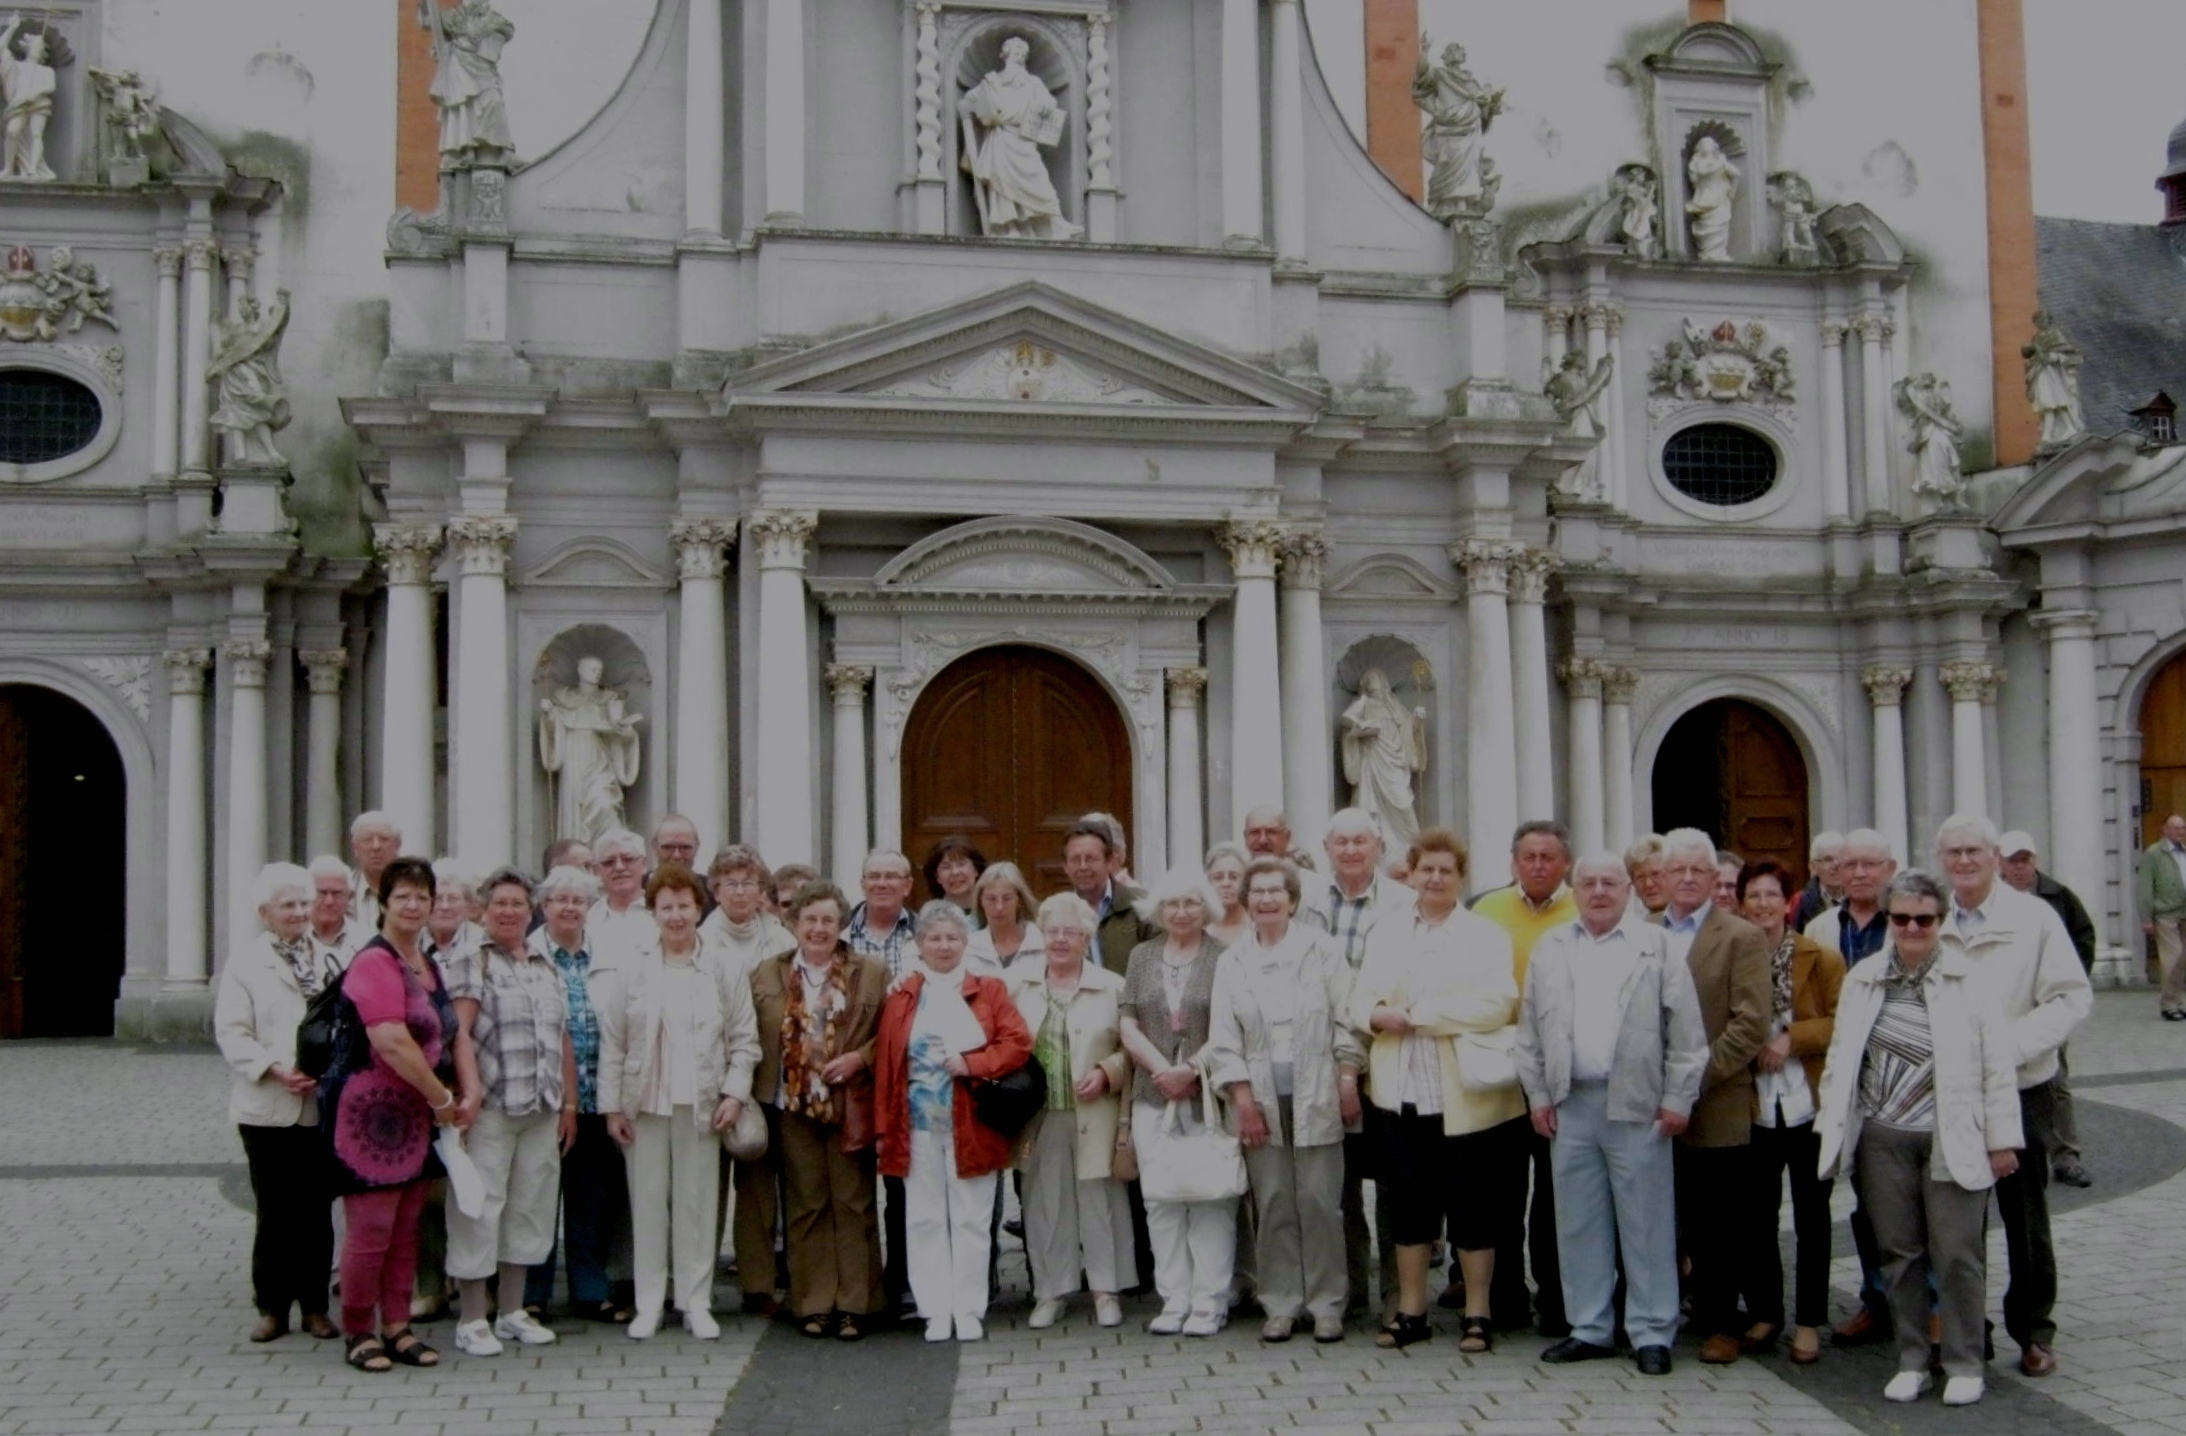 Harmonische Trierwallfahrt der St. Matthias Bruderschaft Niederzier/Oberzier